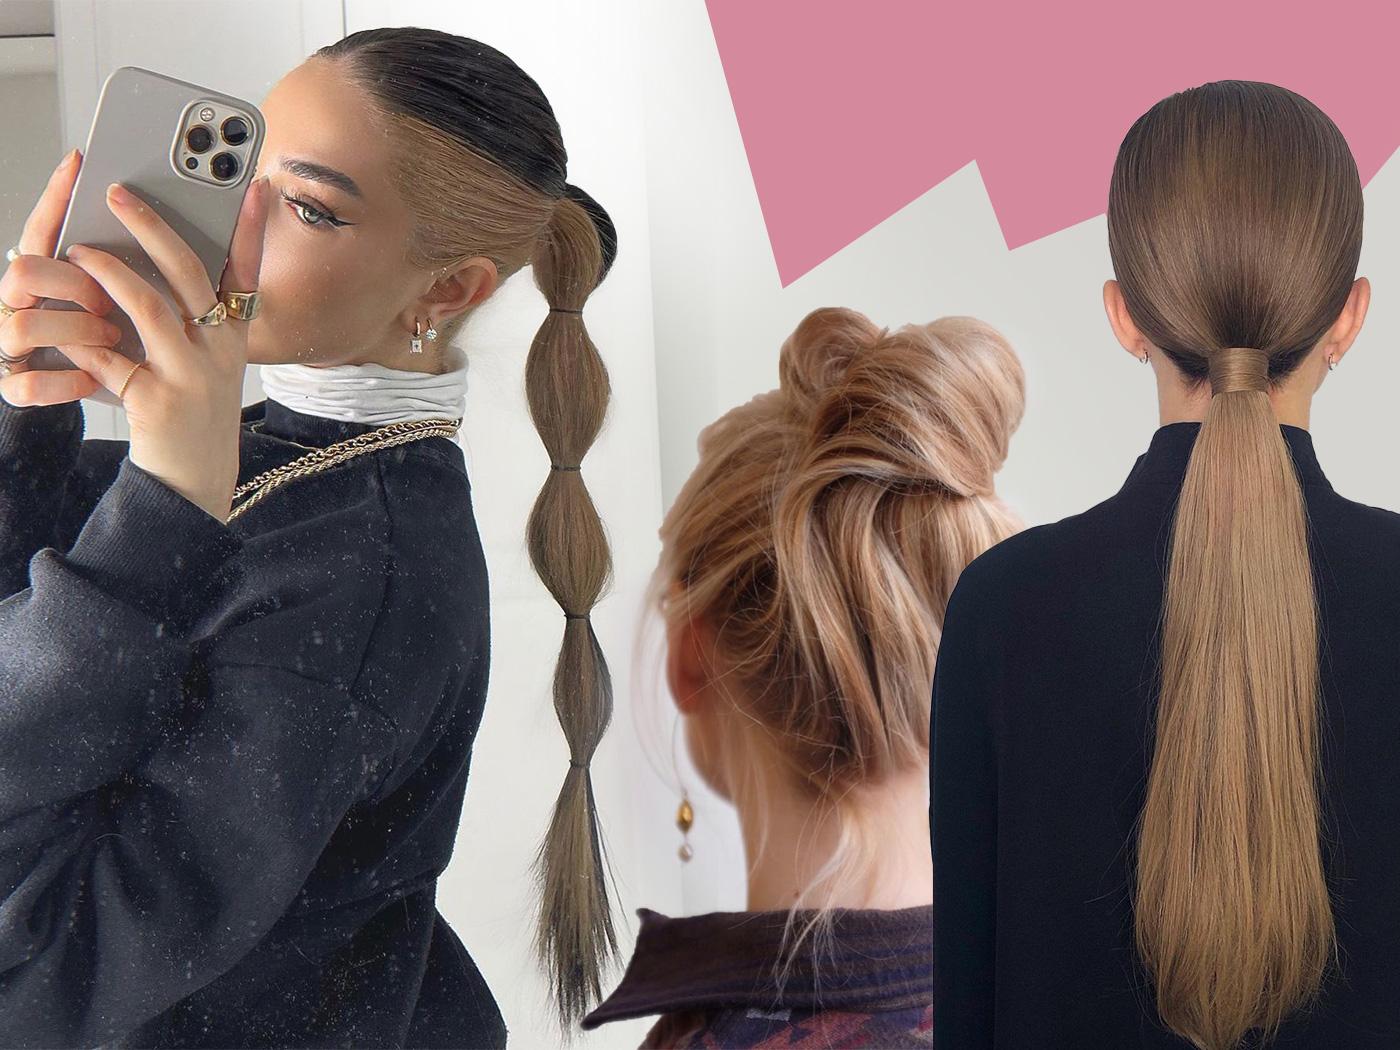 8 εντυπωσιακοί τρόποι να πιάσεις τα μαλλιά σου αν βαρέθηκες τα συνηθισμένα